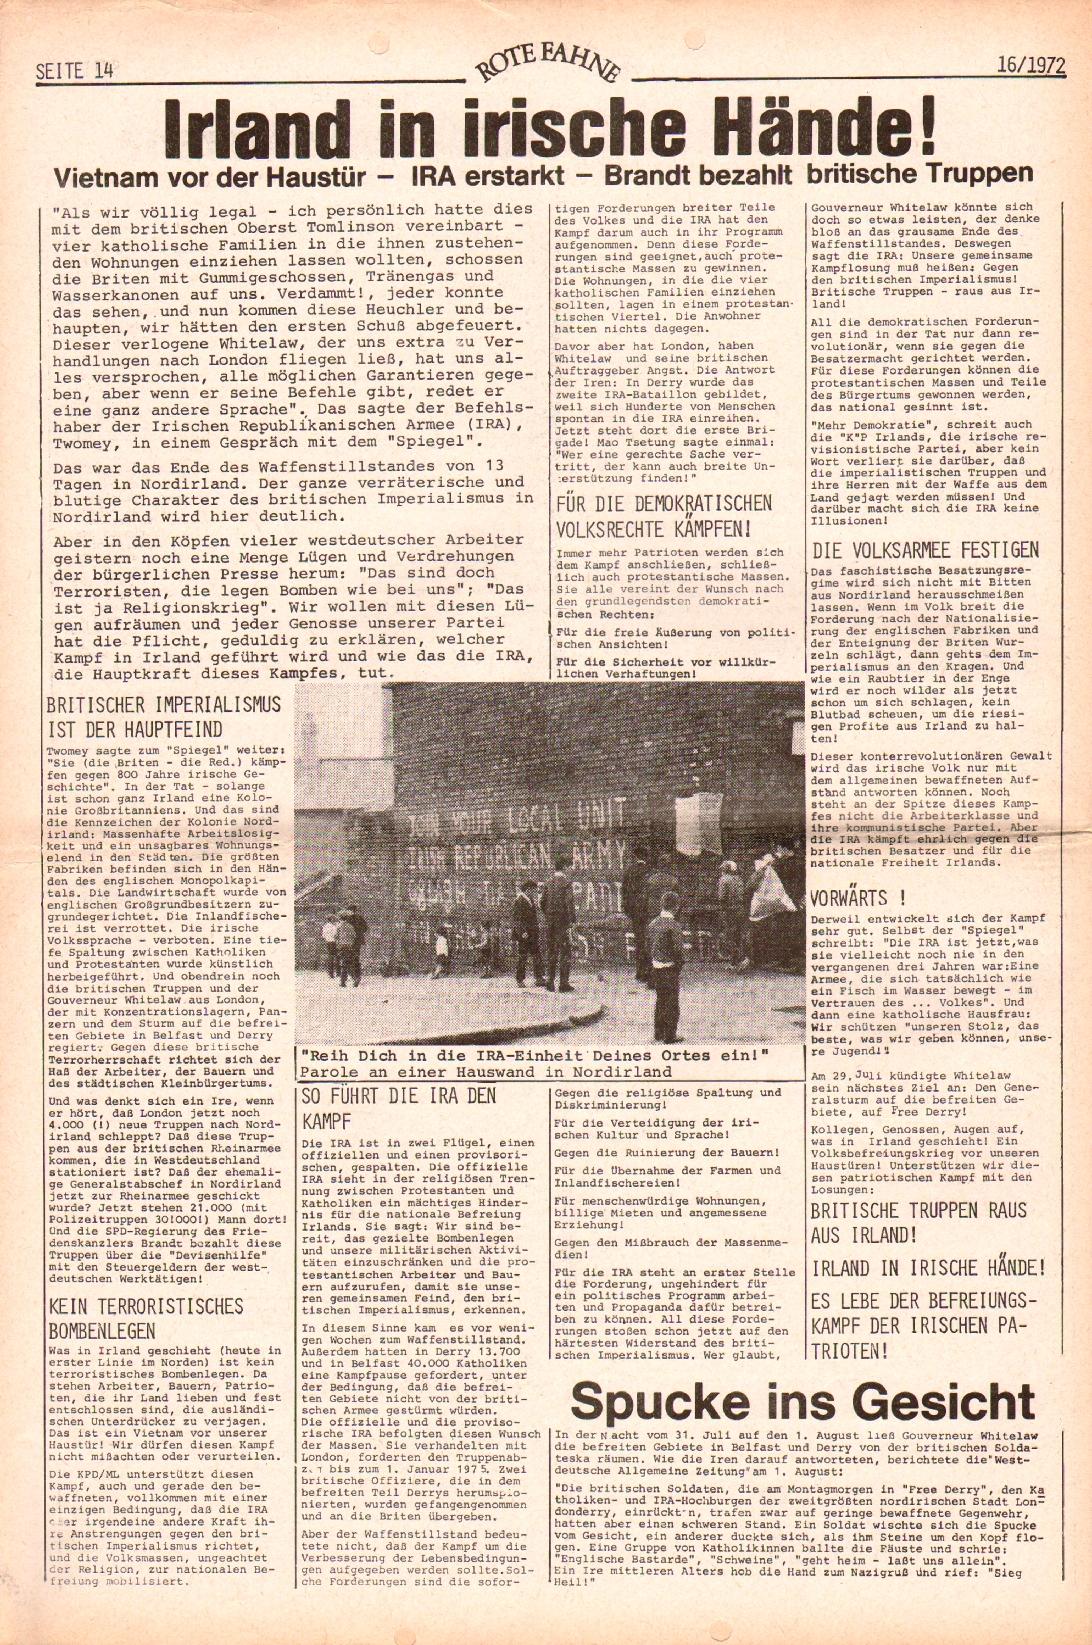 Rote Fahne, 3. Jg., 7.8.1972, Nr. 16, Seite 14